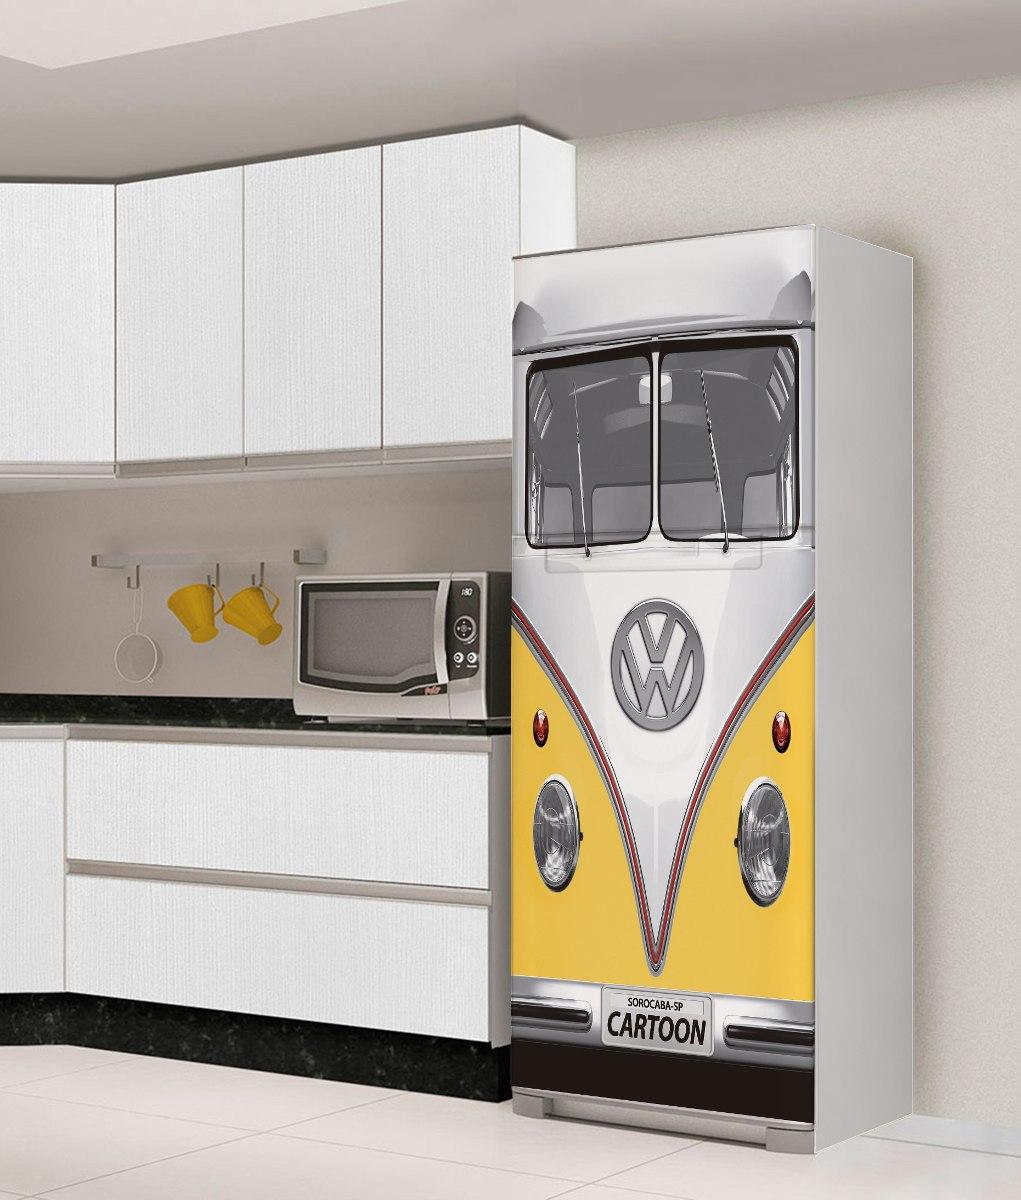 Adesivo De Kombi ~ Adesivo Geladeira Freezer Envelopamento Kombi Fusca Vw Retro R$ 129,00 em Mercado Livre